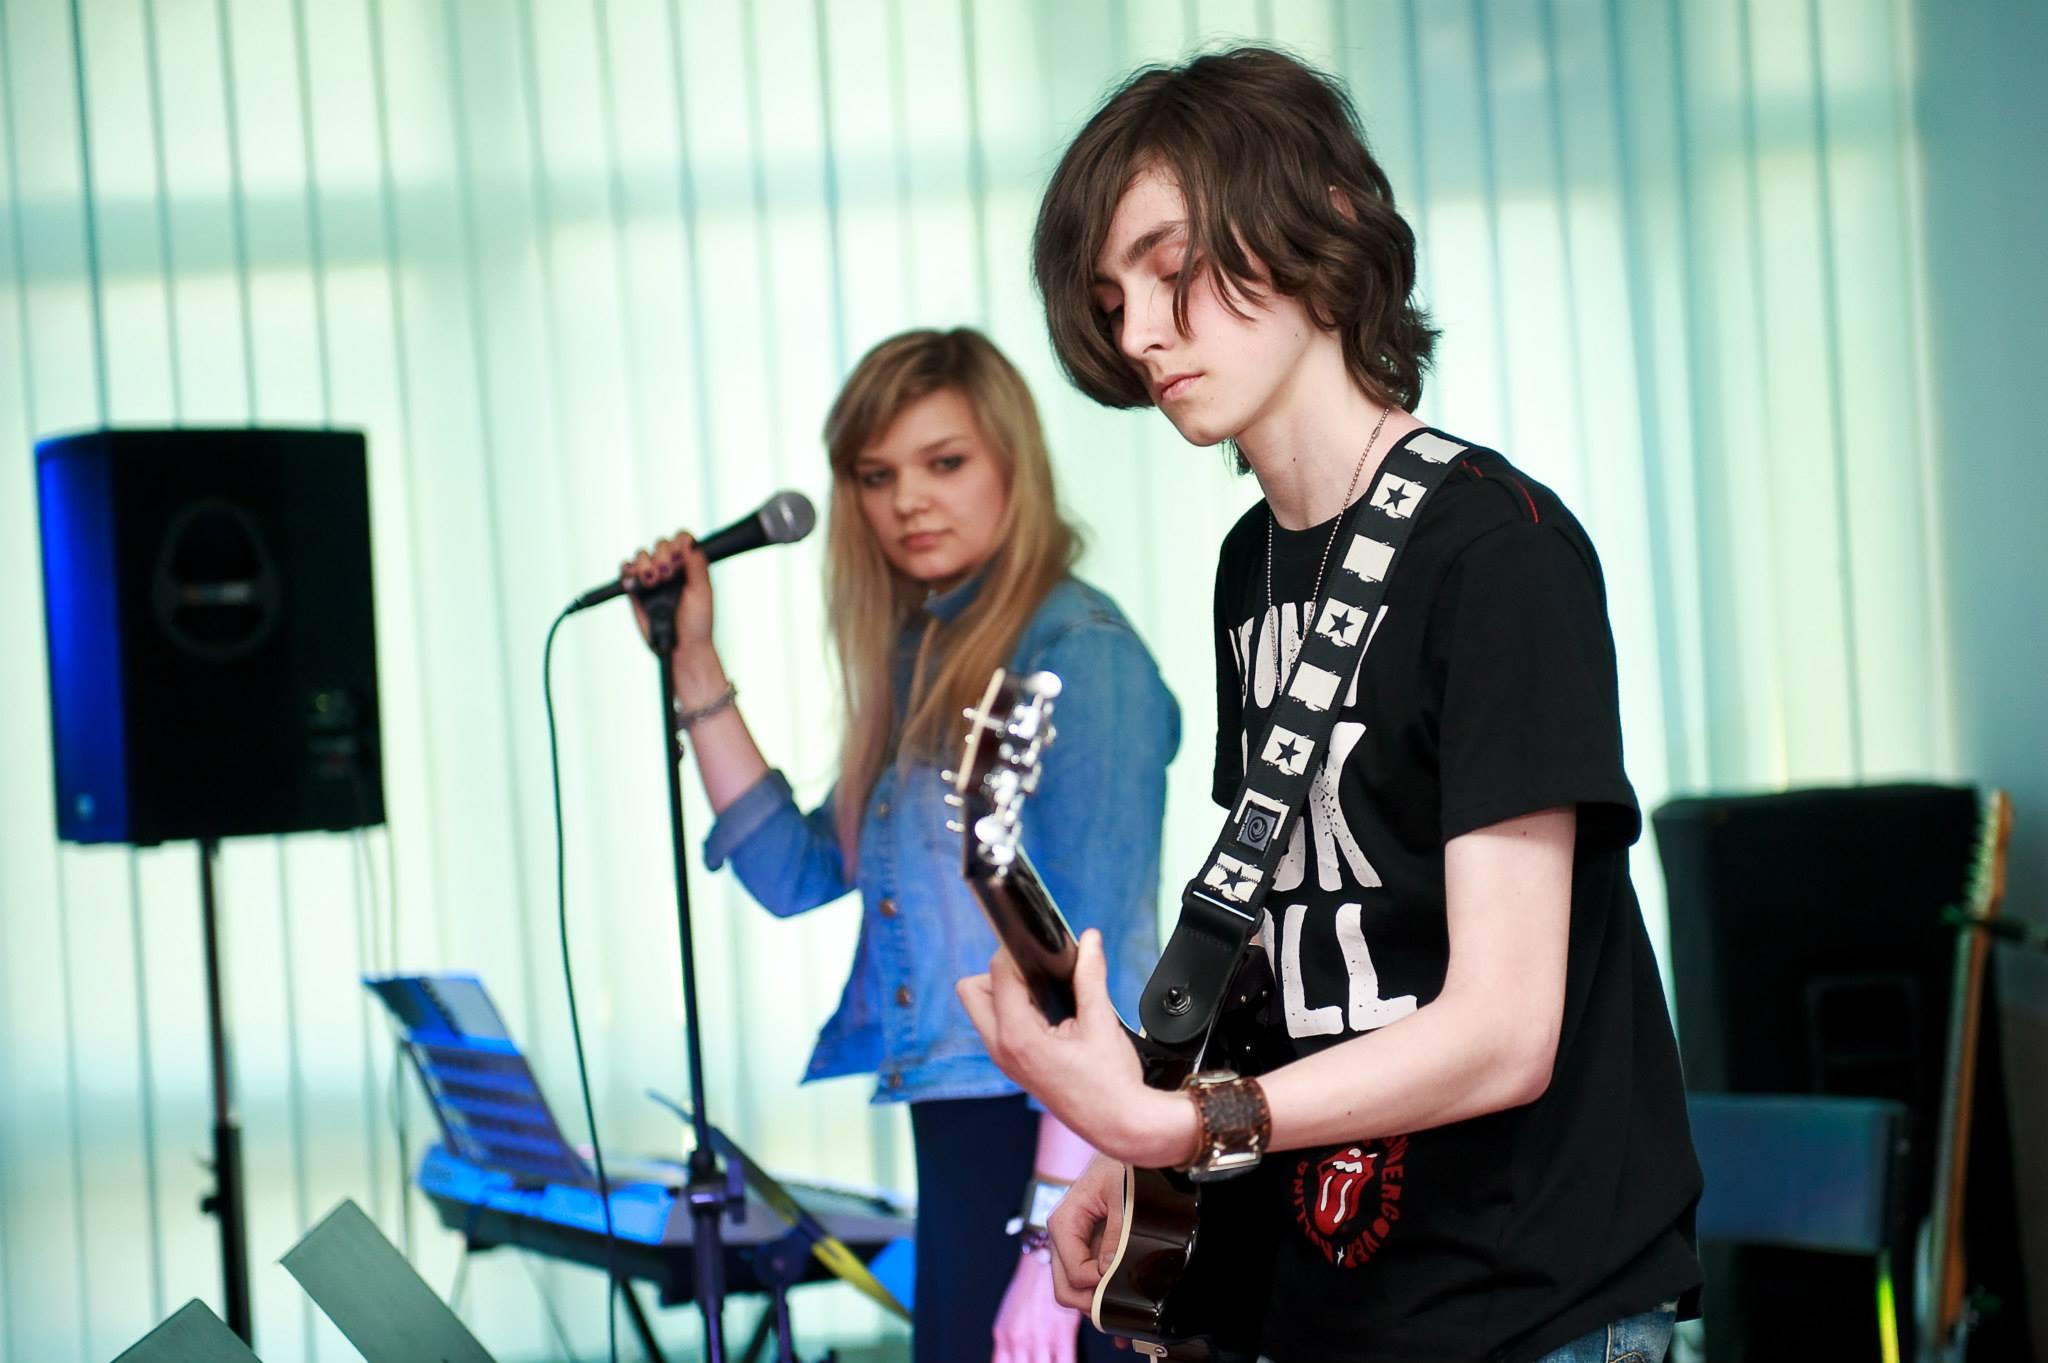 dziewczyna i chłopak gra na gitarze i śpiewa